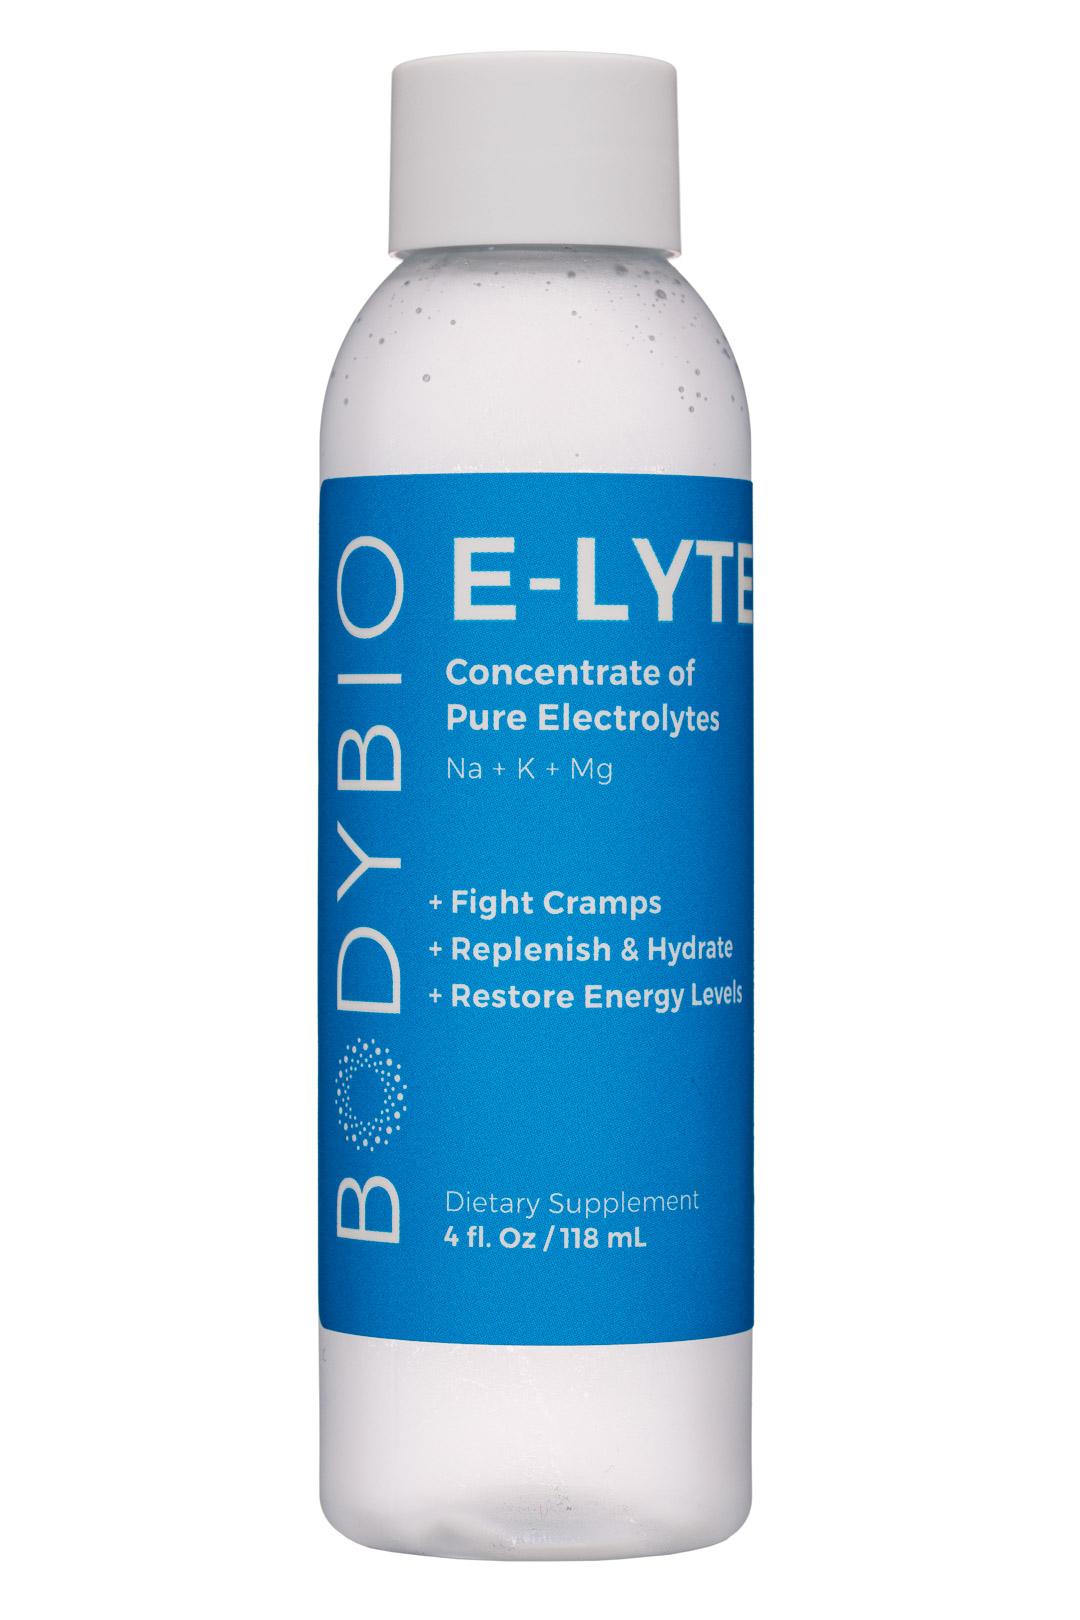 E-Lyte